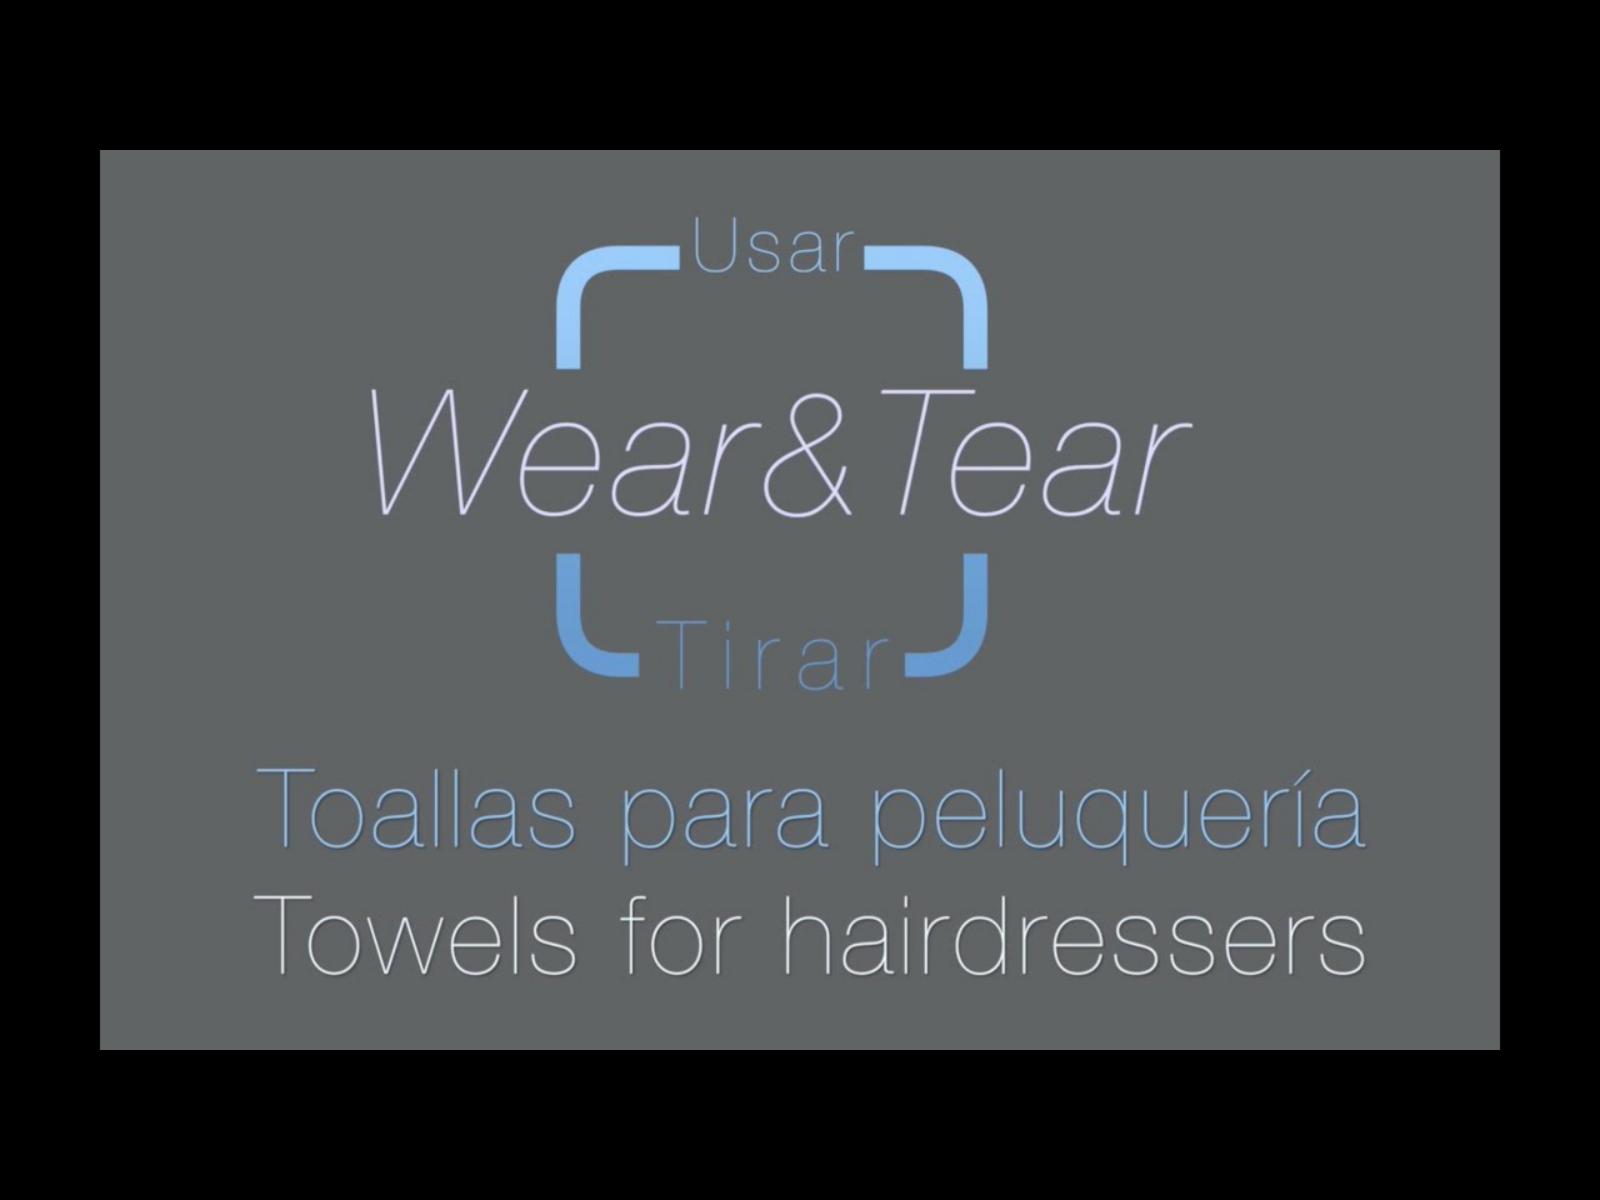 Aplicación Toallas Wear&Tear